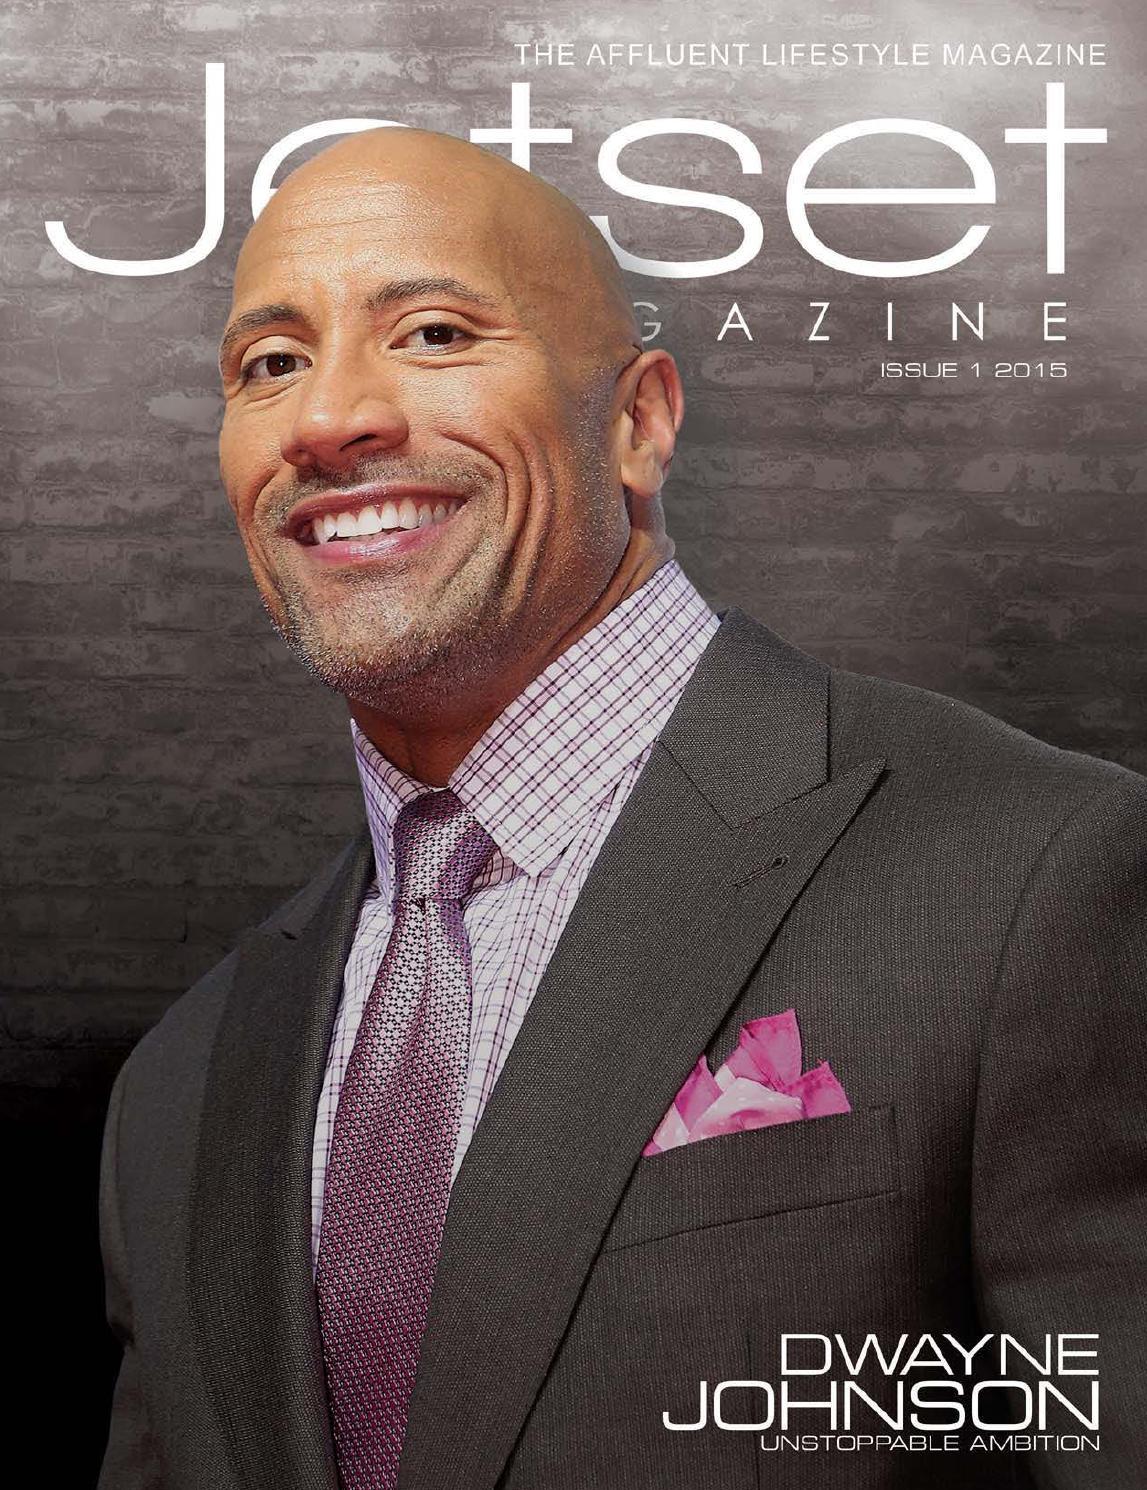 Jetset Magazine Issue 1 2015 By Jetset Magazine Issuu